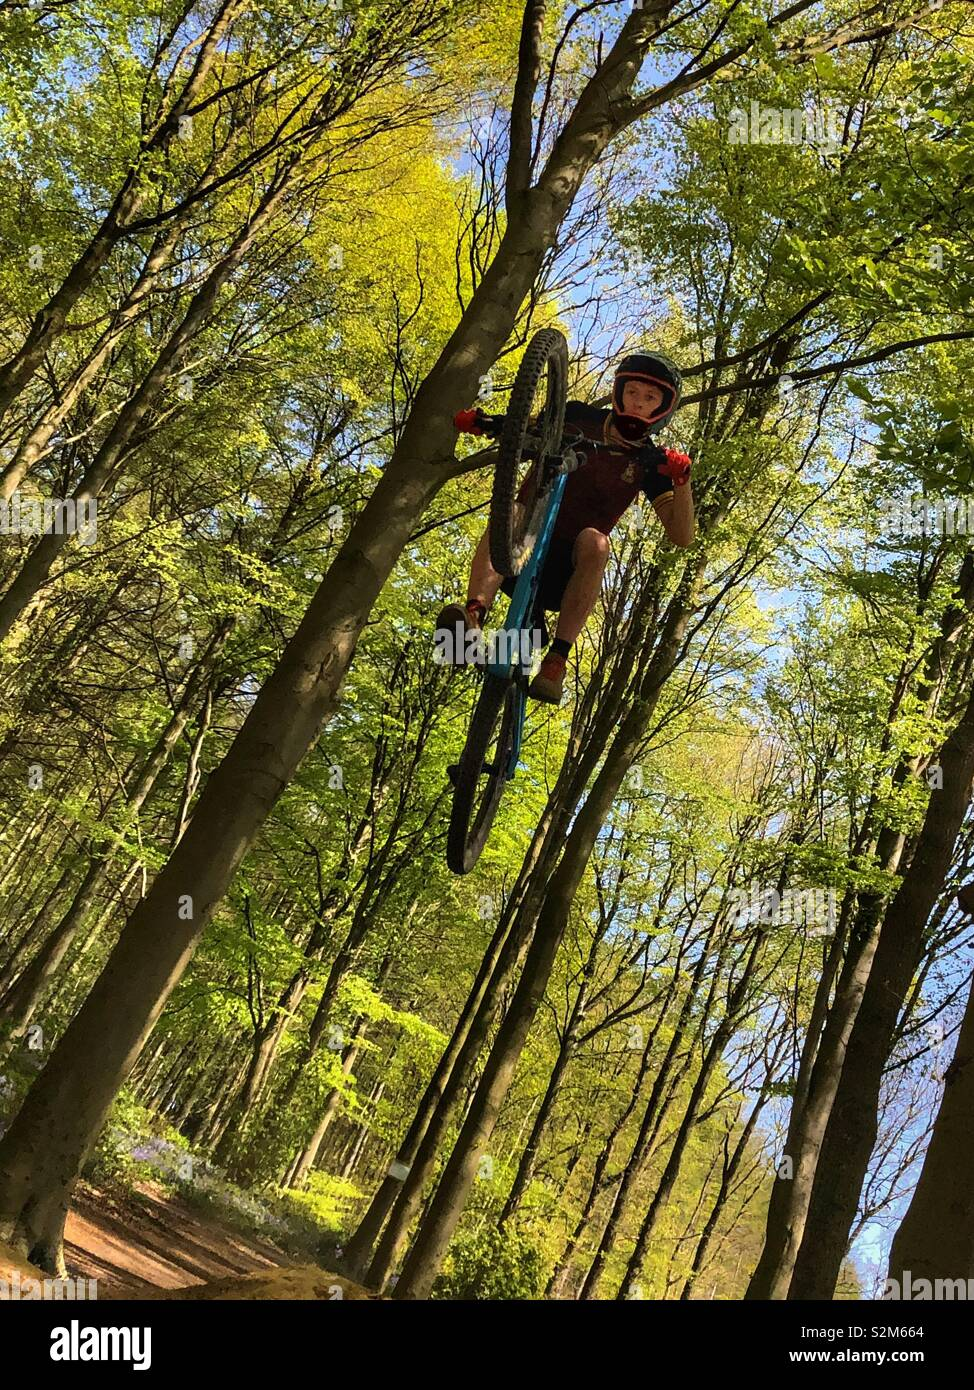 Faire du vélo de montagne sur un big air jump dans la forêt Banque D'Images